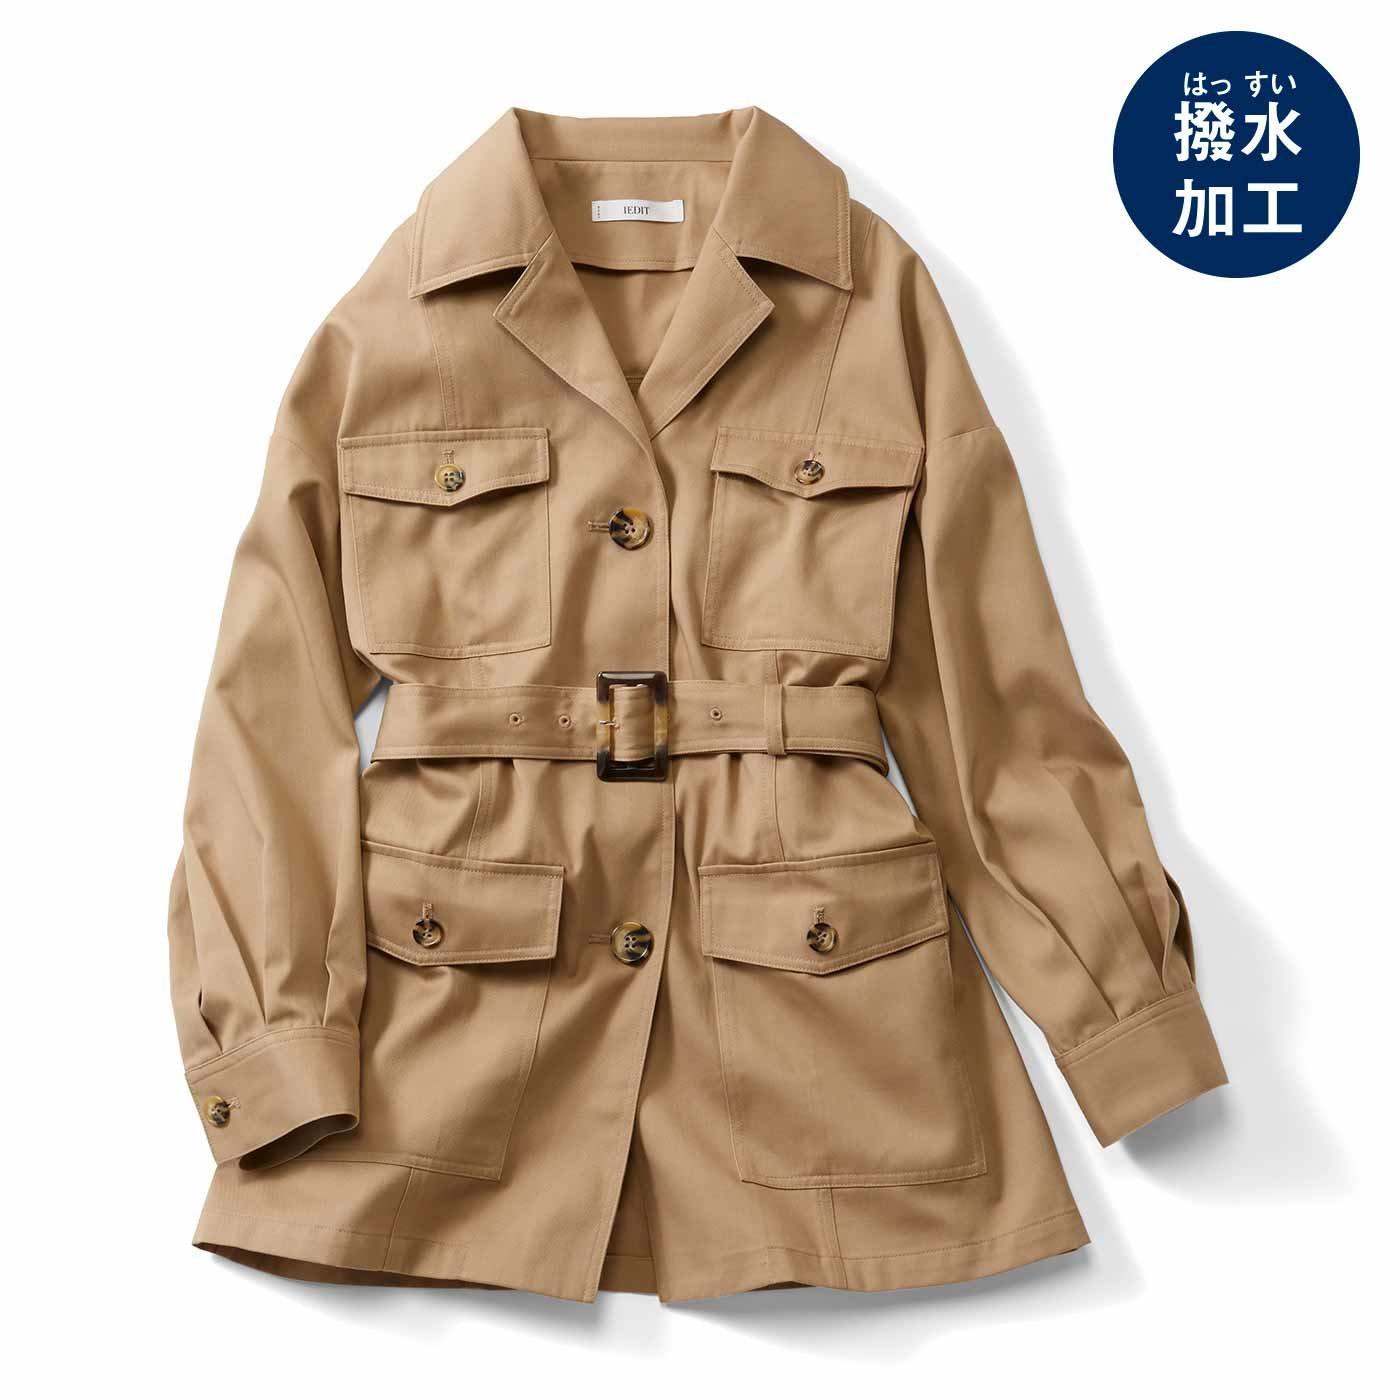 IEDIT[イディット] きれいめスタイルにも似合う ベルト付きCPOジャケット〈ベージュ〉